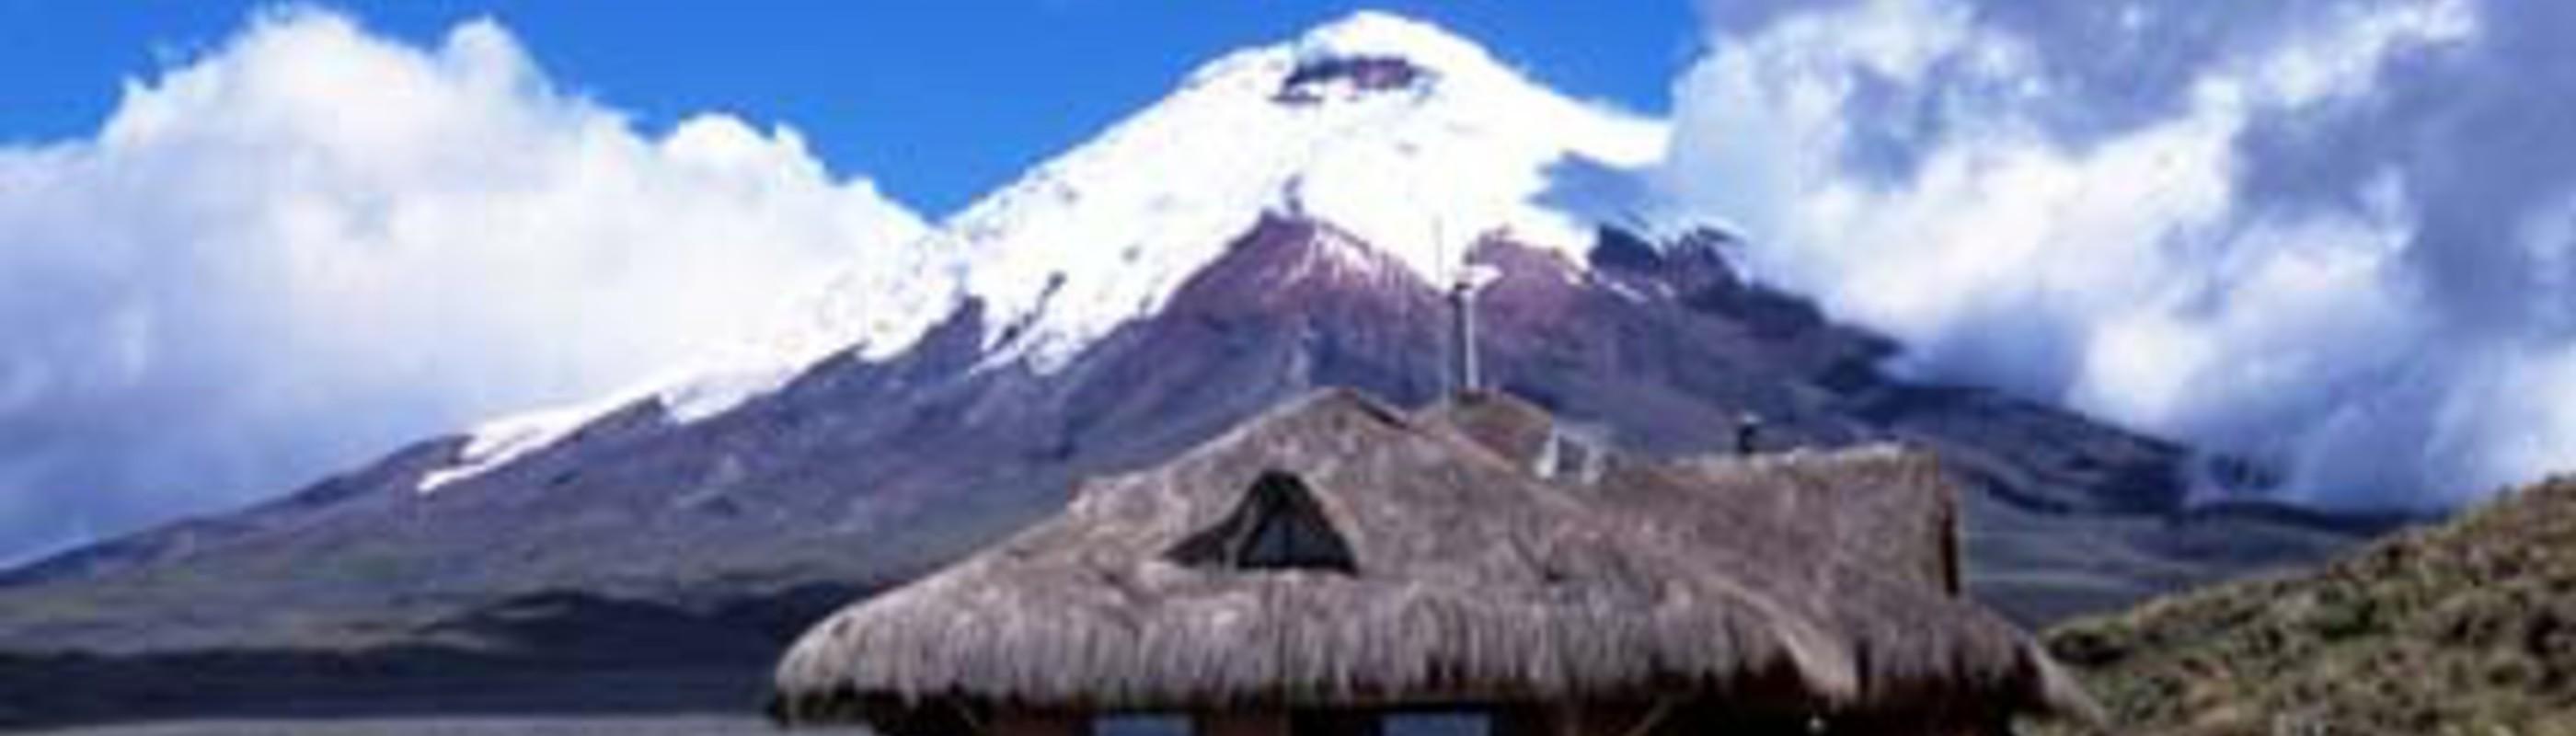 Ecoturismo report con lo sciamano sul viale dei vulcani for Case da 2500 a 3000 piedi quadrati